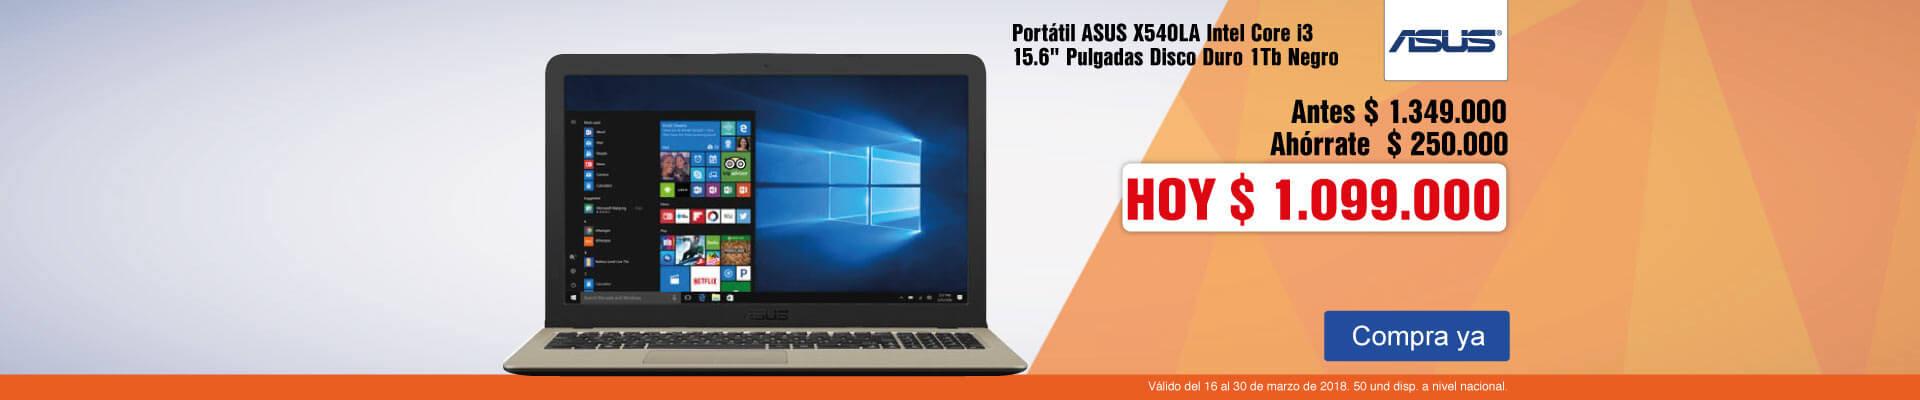 PPAL AK-3-computadores-Portátil ASUS X540LA Intel Core i3 15.6